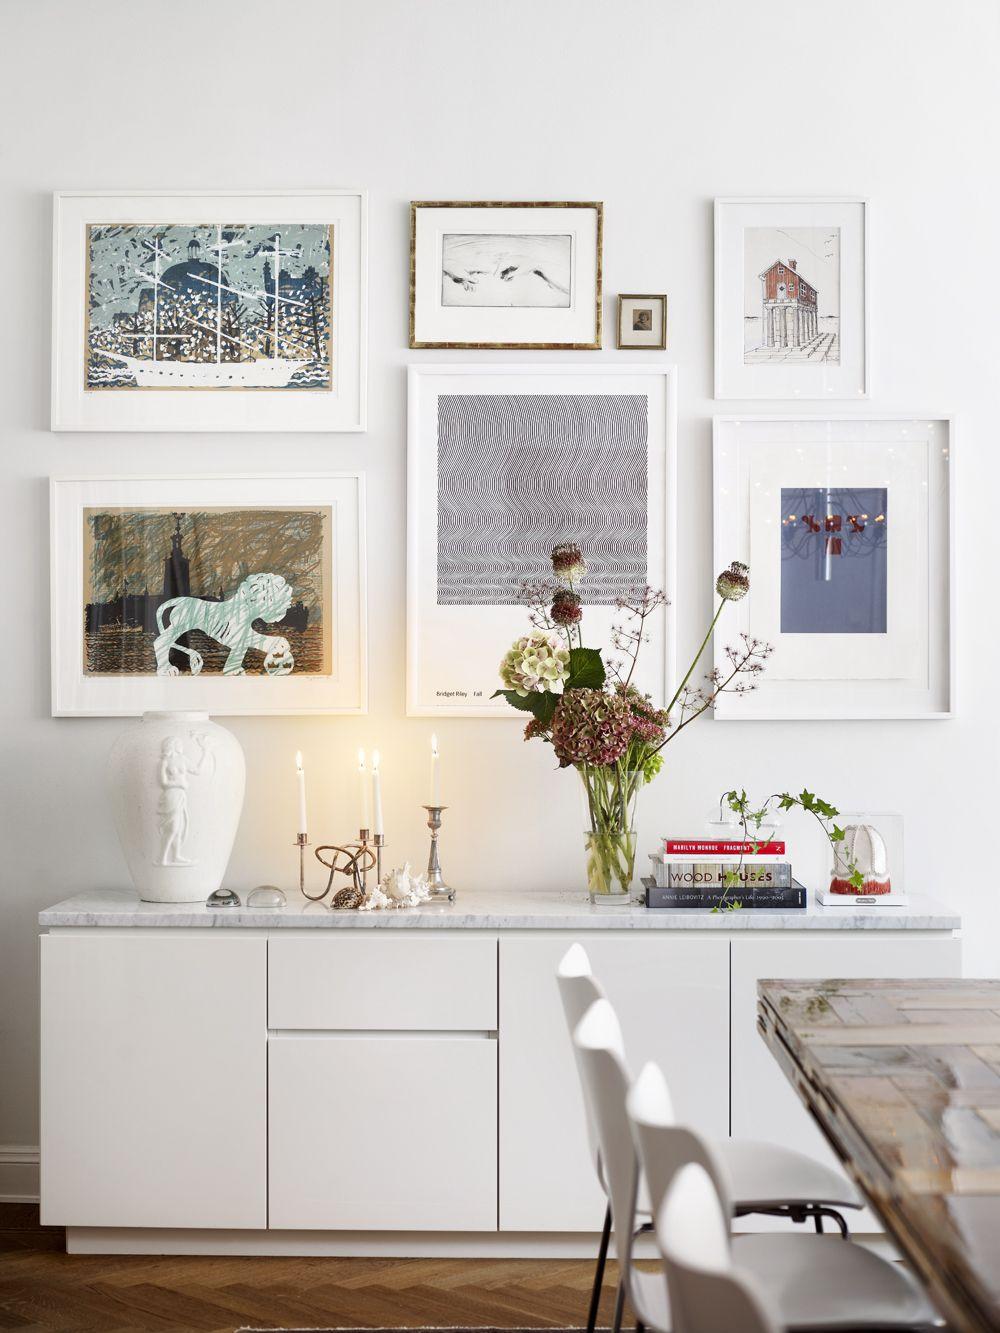 13 INSPIRATIONAL GALLERY WALL ideas | Home | Pinterest | Wall ideas ...